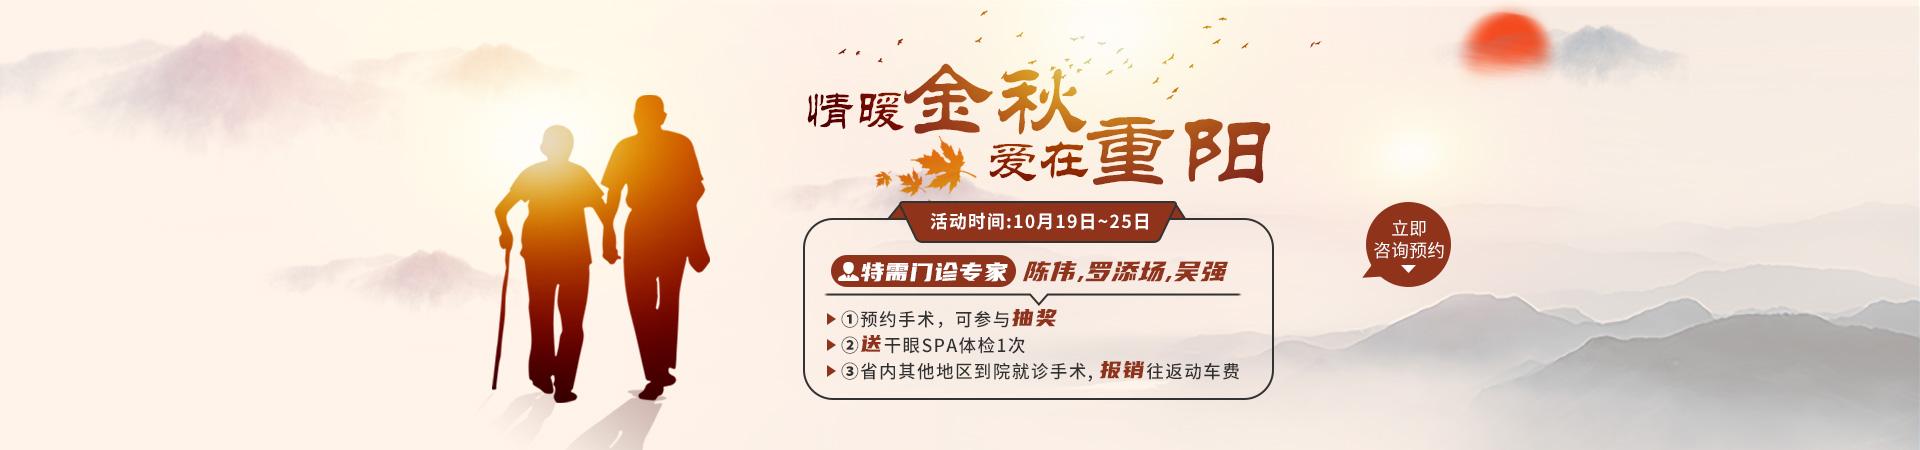 重阳节banner